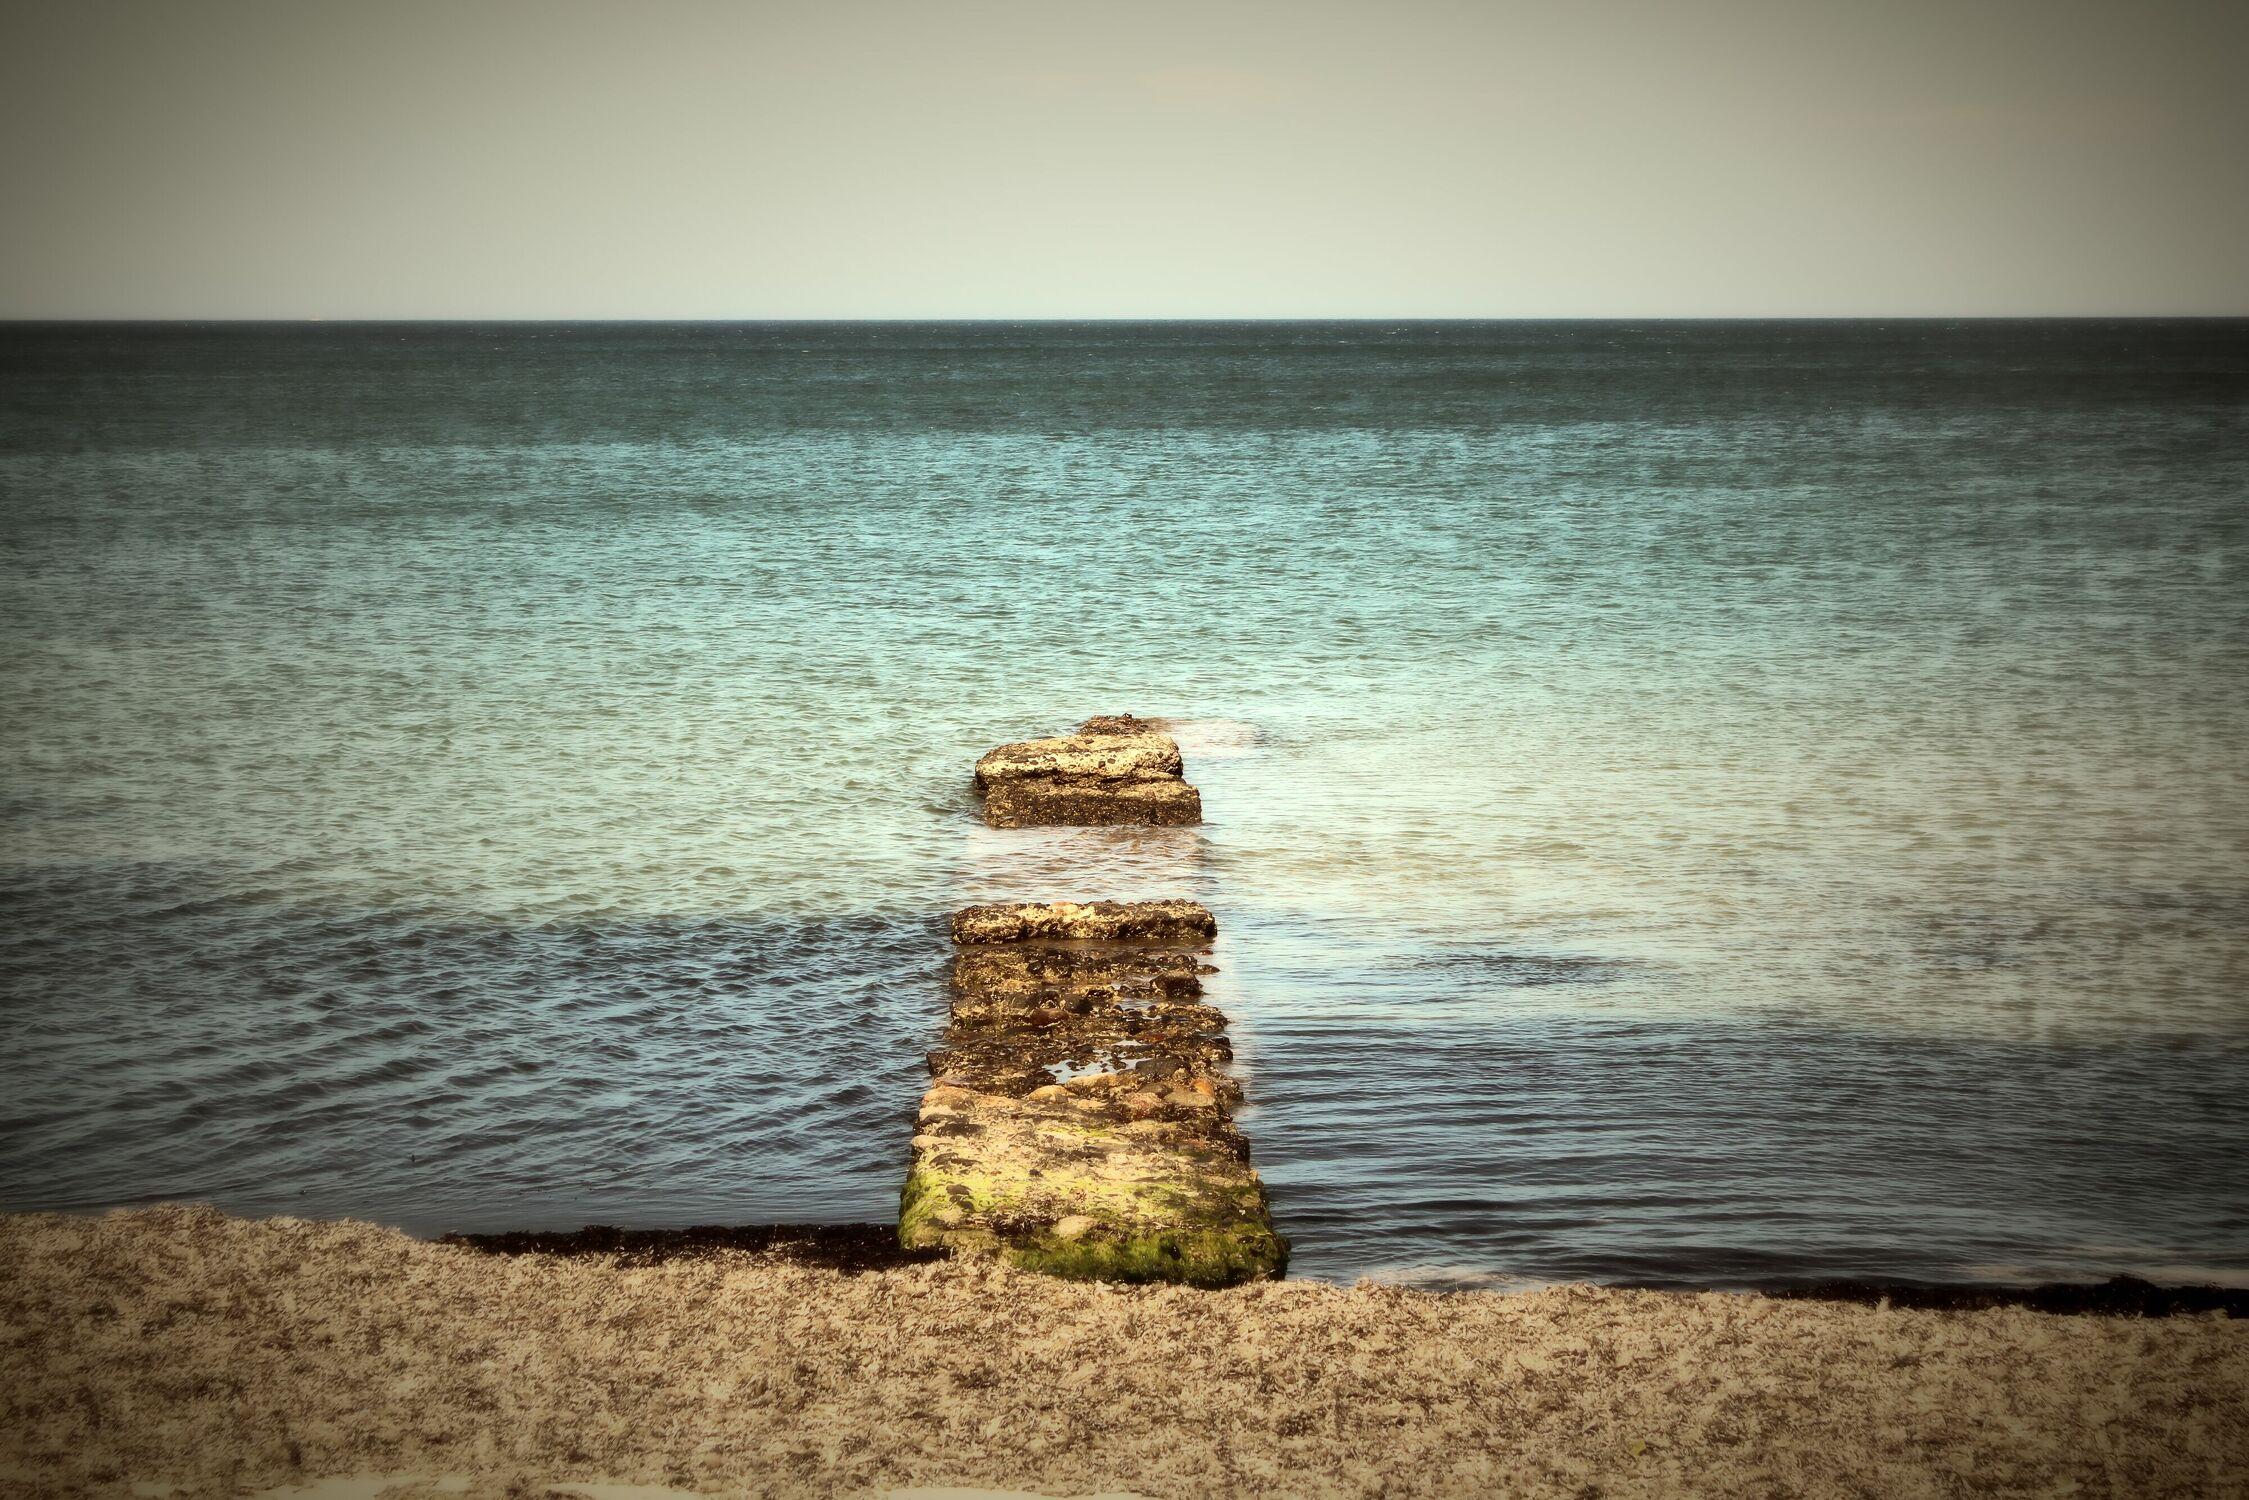 Bild mit Wasser, Meer, Steg, Bootssteg, Strandurlaub